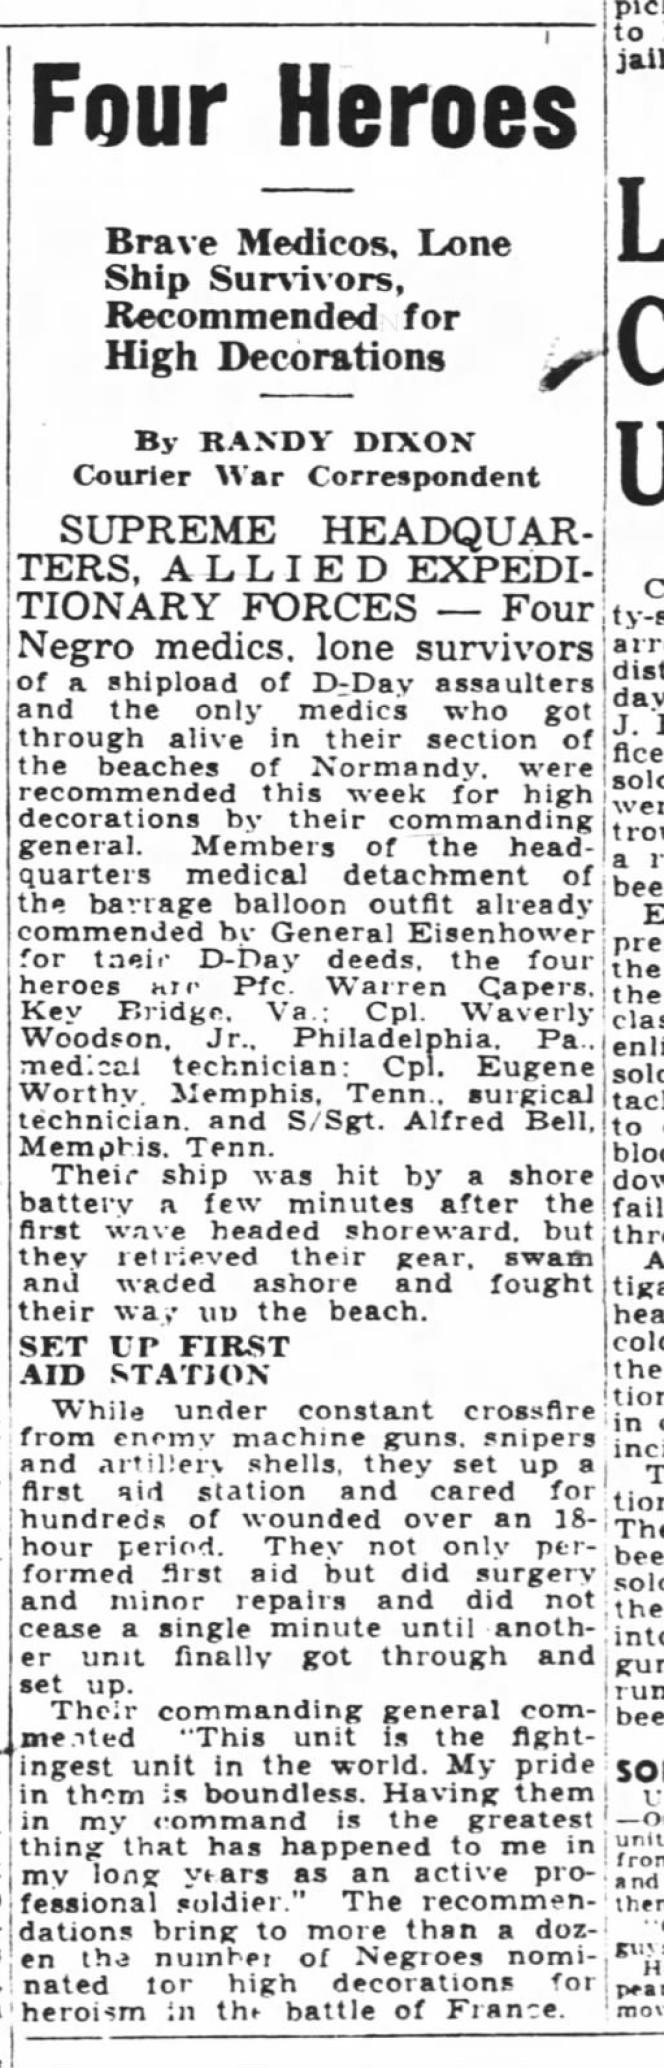 Un extrait du «Pittsburgh Courier» du 26 août 1944 racontant les exploits de quatre soldats noirs, dont Waverly Woodson.